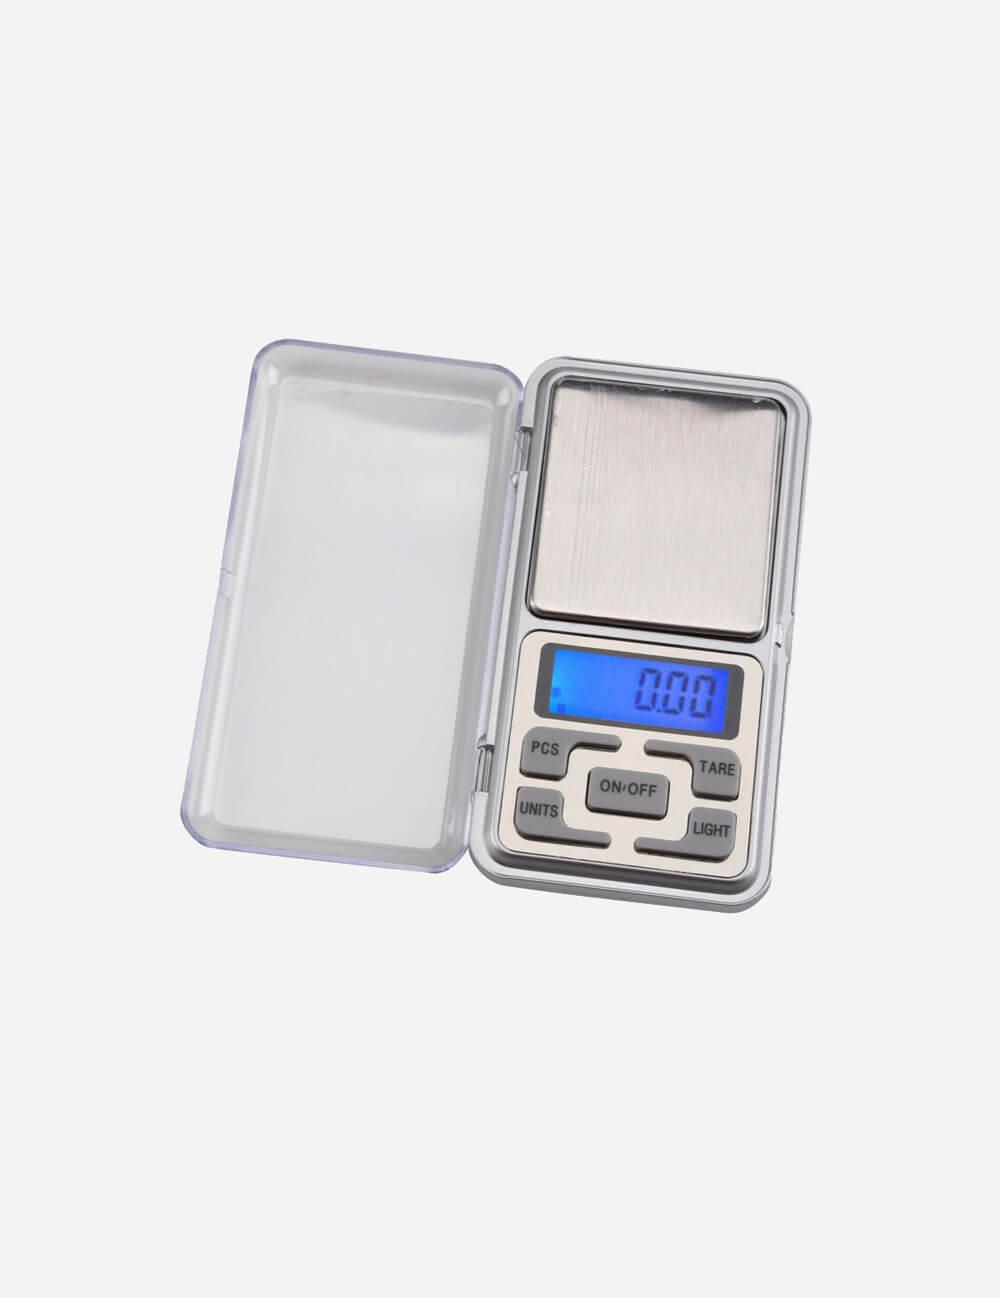 Digital Pocket Scales Image 3